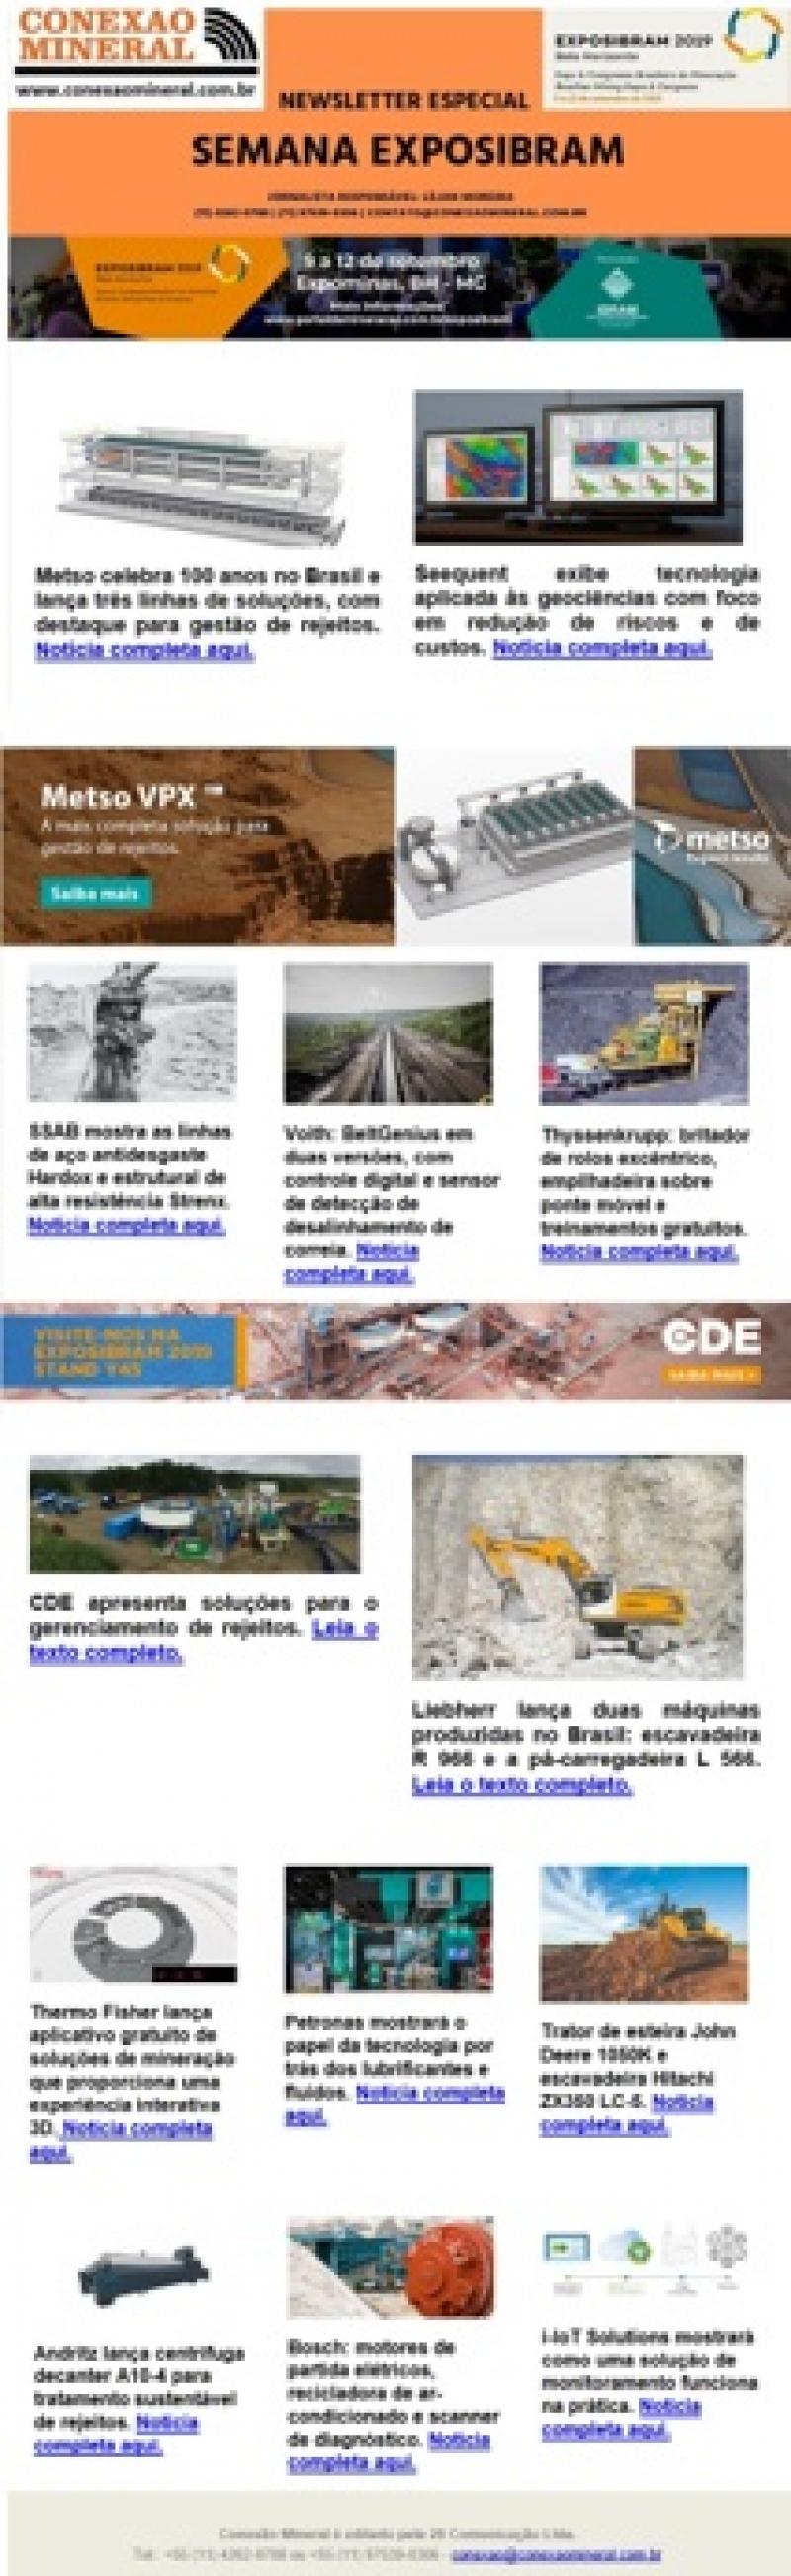 Newsletter Exposibram 2019 - N.1 - 06-06-2019